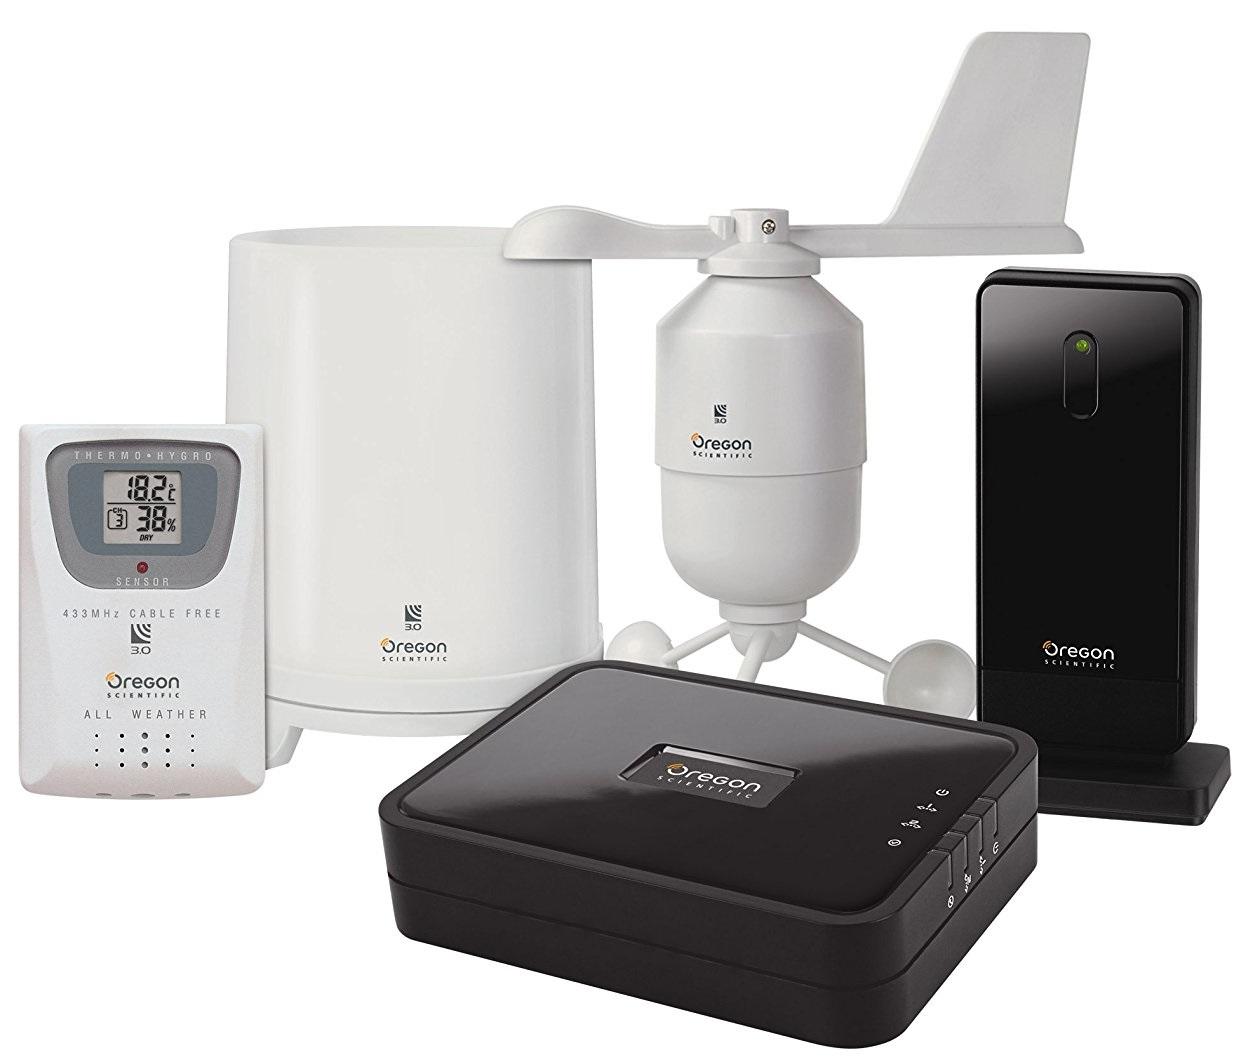 Oregon Scientific LW301 - комплект погодных датчиков с передачей данных в Интернет